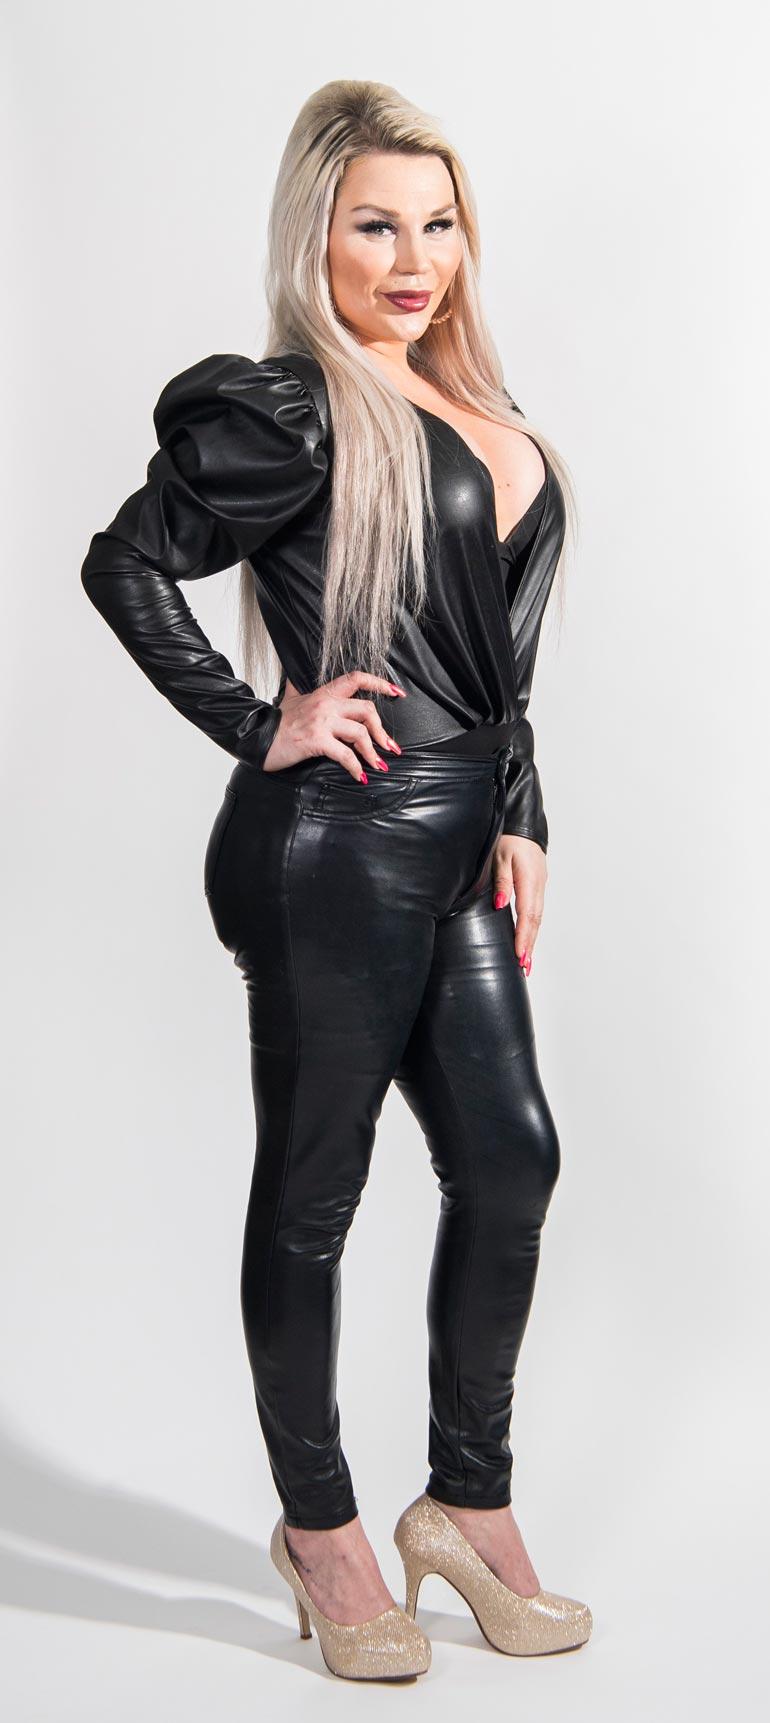 – En osaa suhtautua miesten seksiviesteihin kunnolla.  En tietenkään halua olla seinäruusu, mutta en seksiobjektikaan, Sofia kertoo.